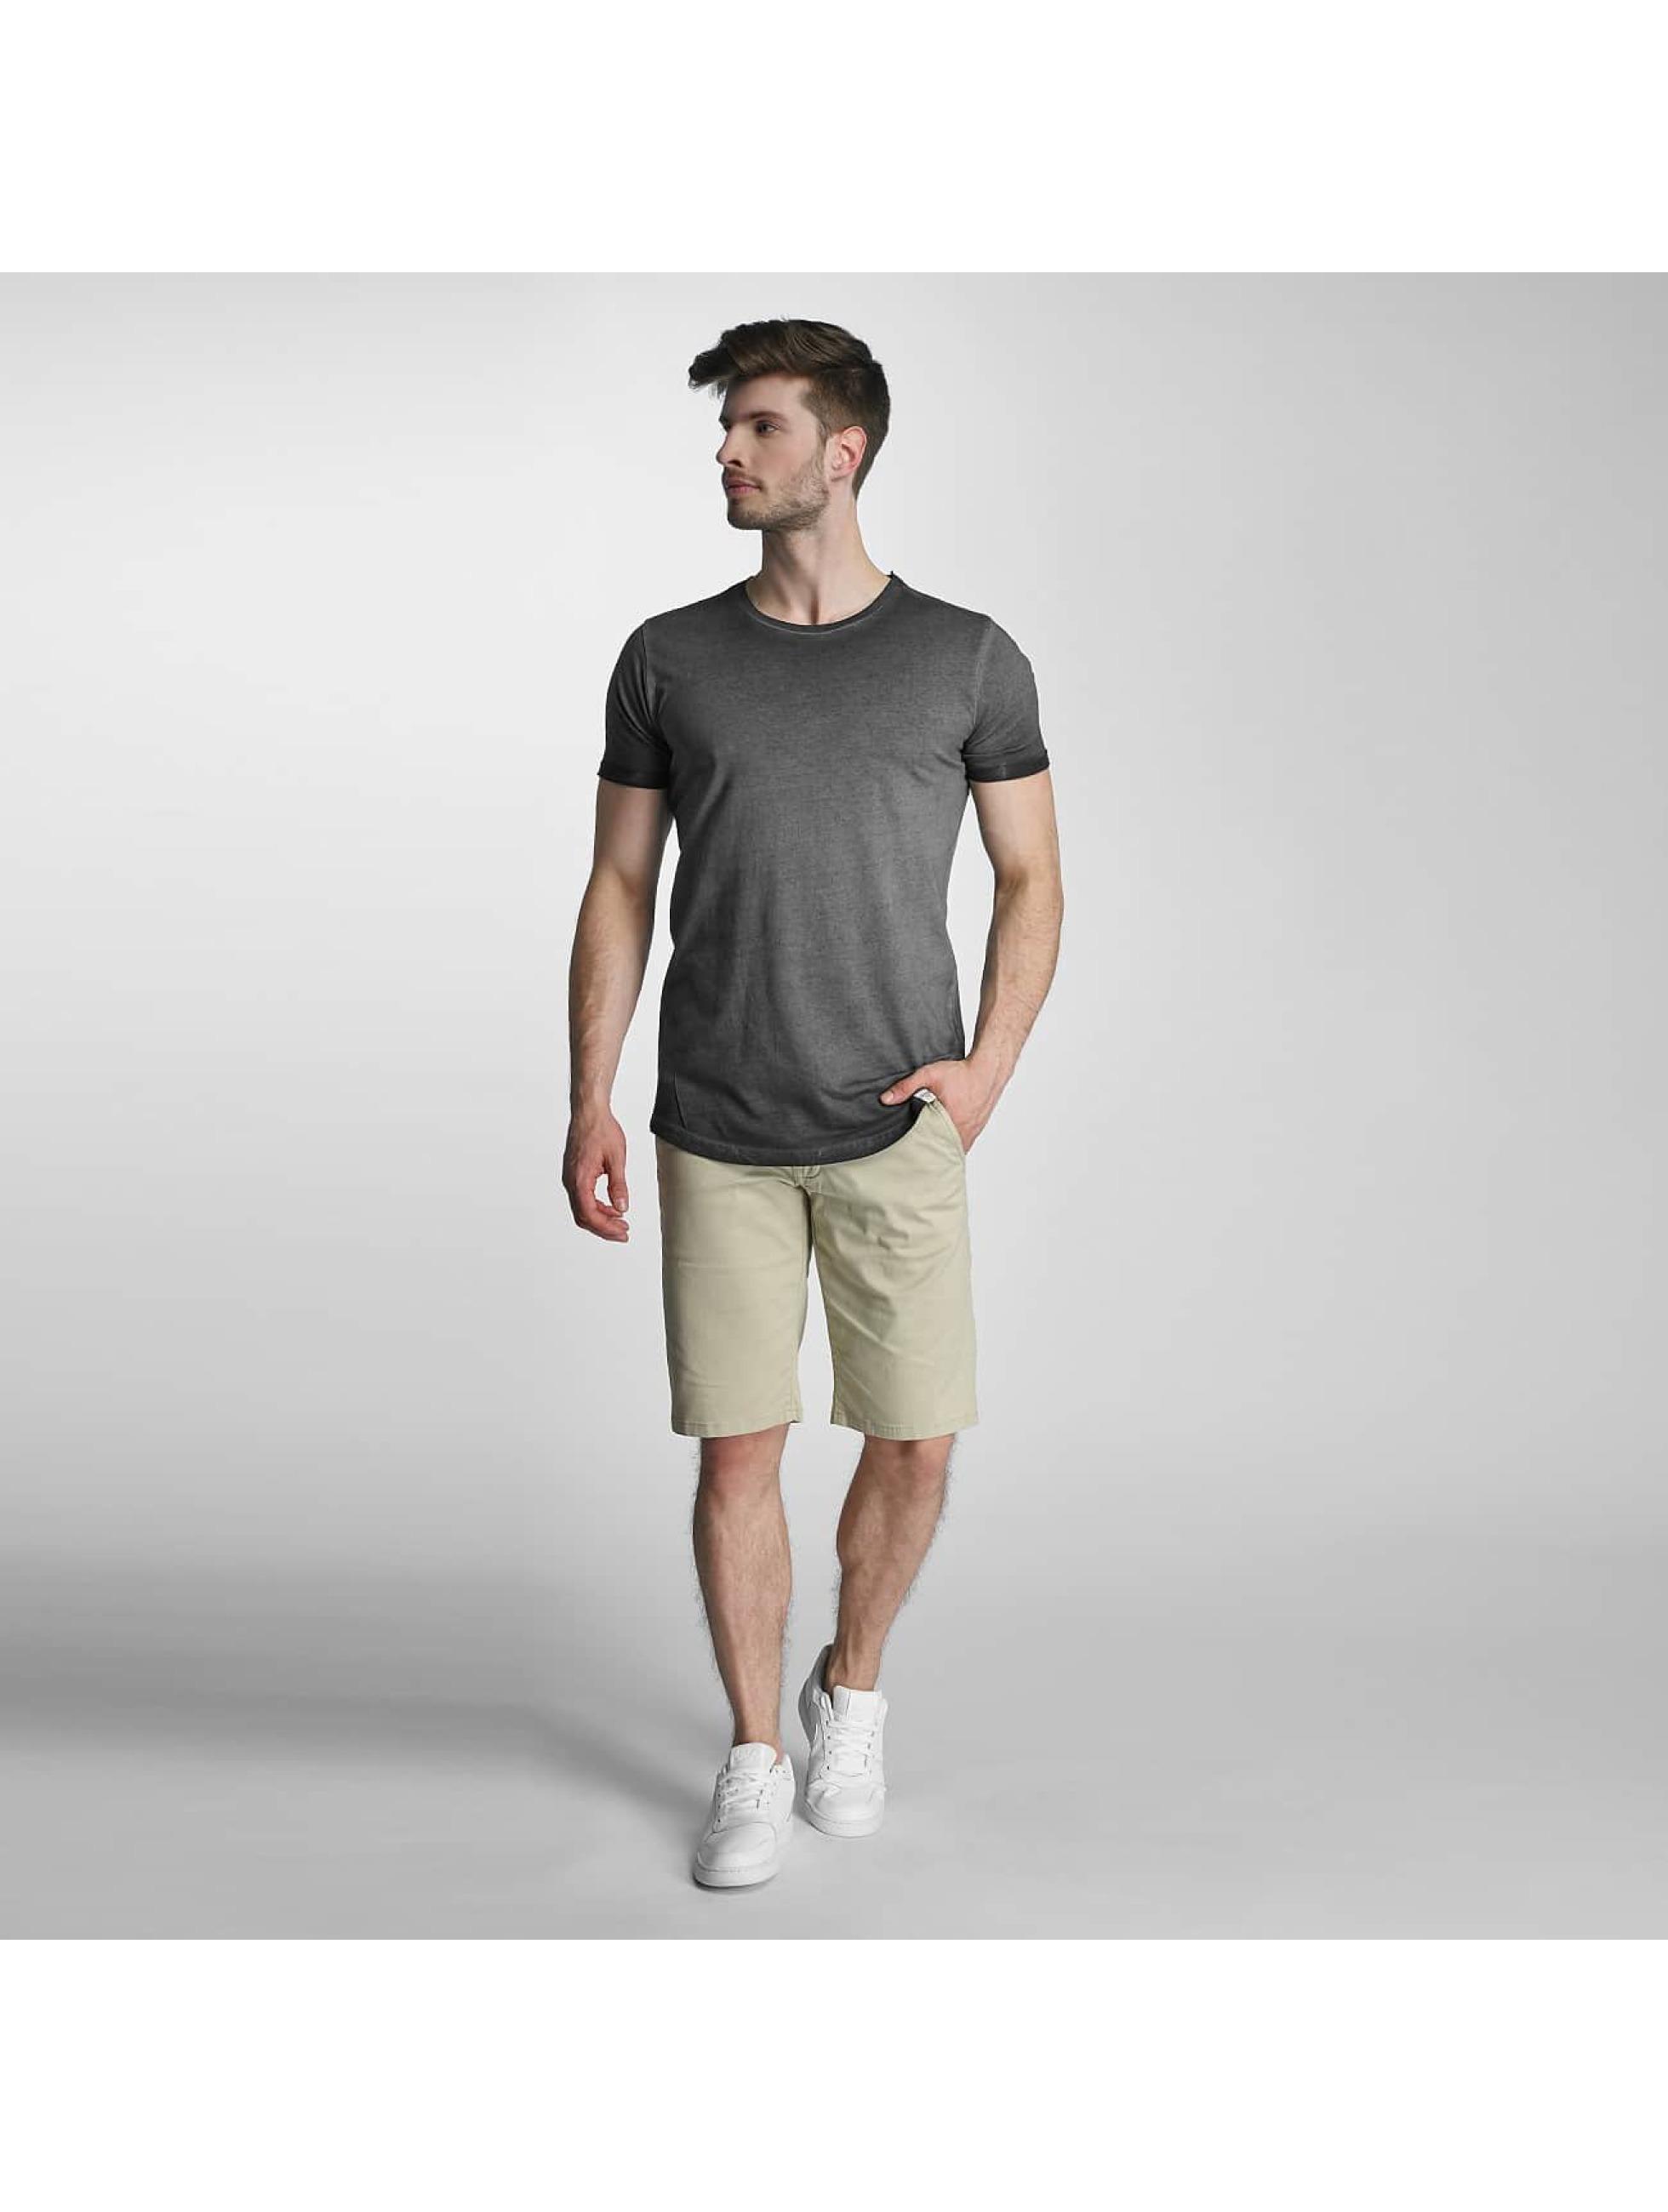 SHINE Original t-shirt Dirt Dye Wash zwart